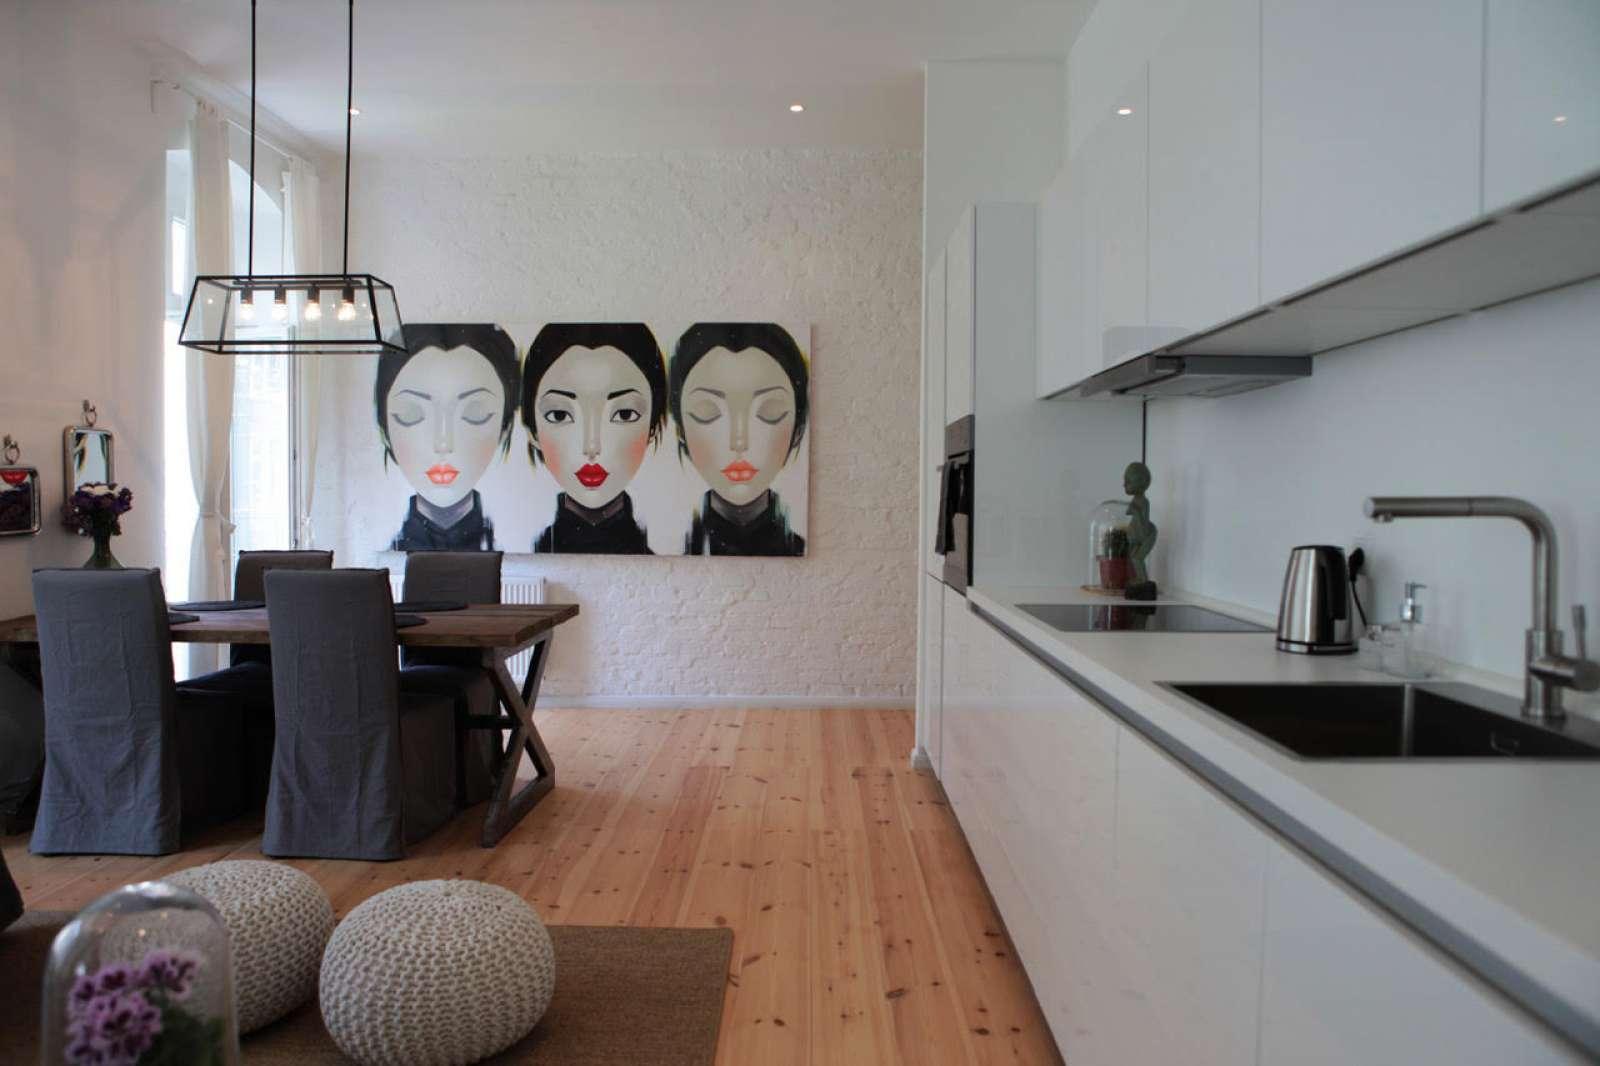 1 zimmer wohnung zu vermieten in friedrichshain berlin ref 148947 spotahome. Black Bedroom Furniture Sets. Home Design Ideas